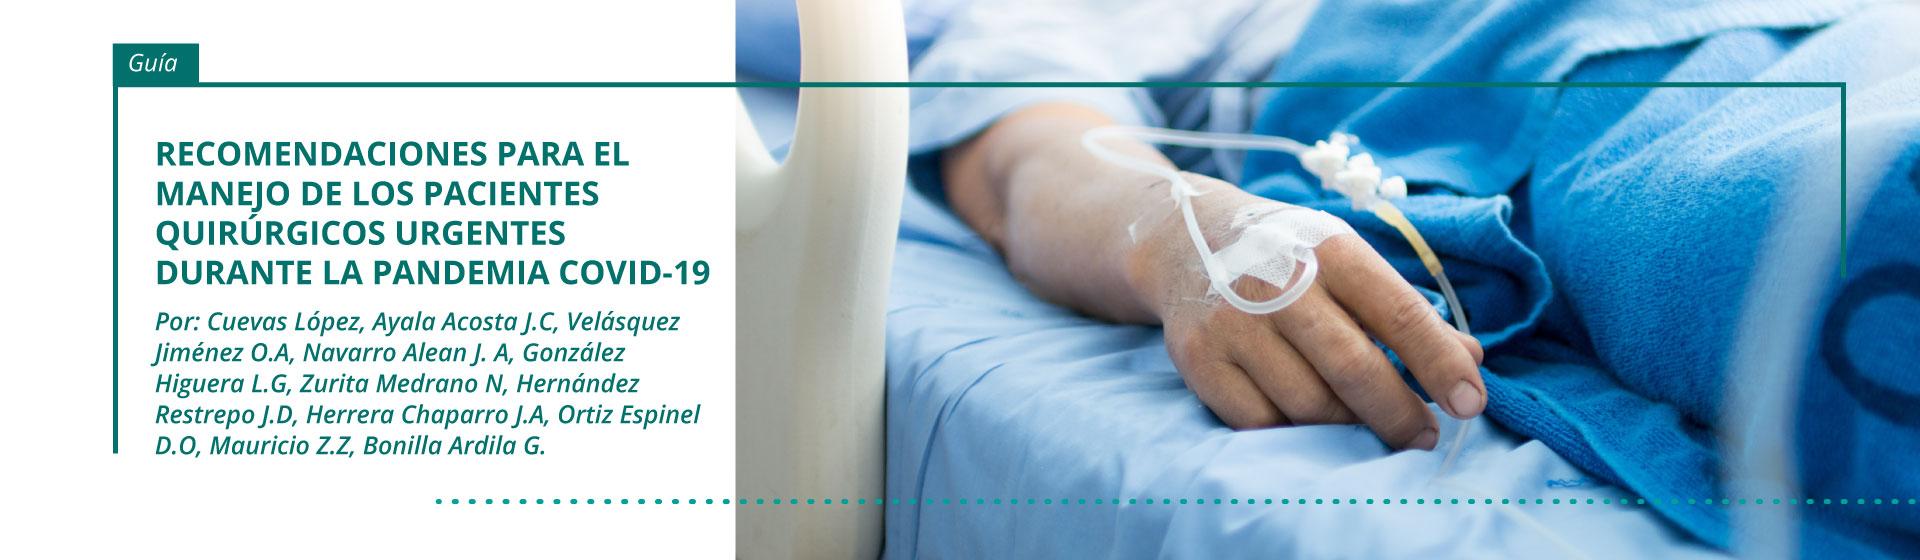 Recomendaciones para el manejo de los pacientes quirúrgicos urgentes durante la pandemia COVID-19